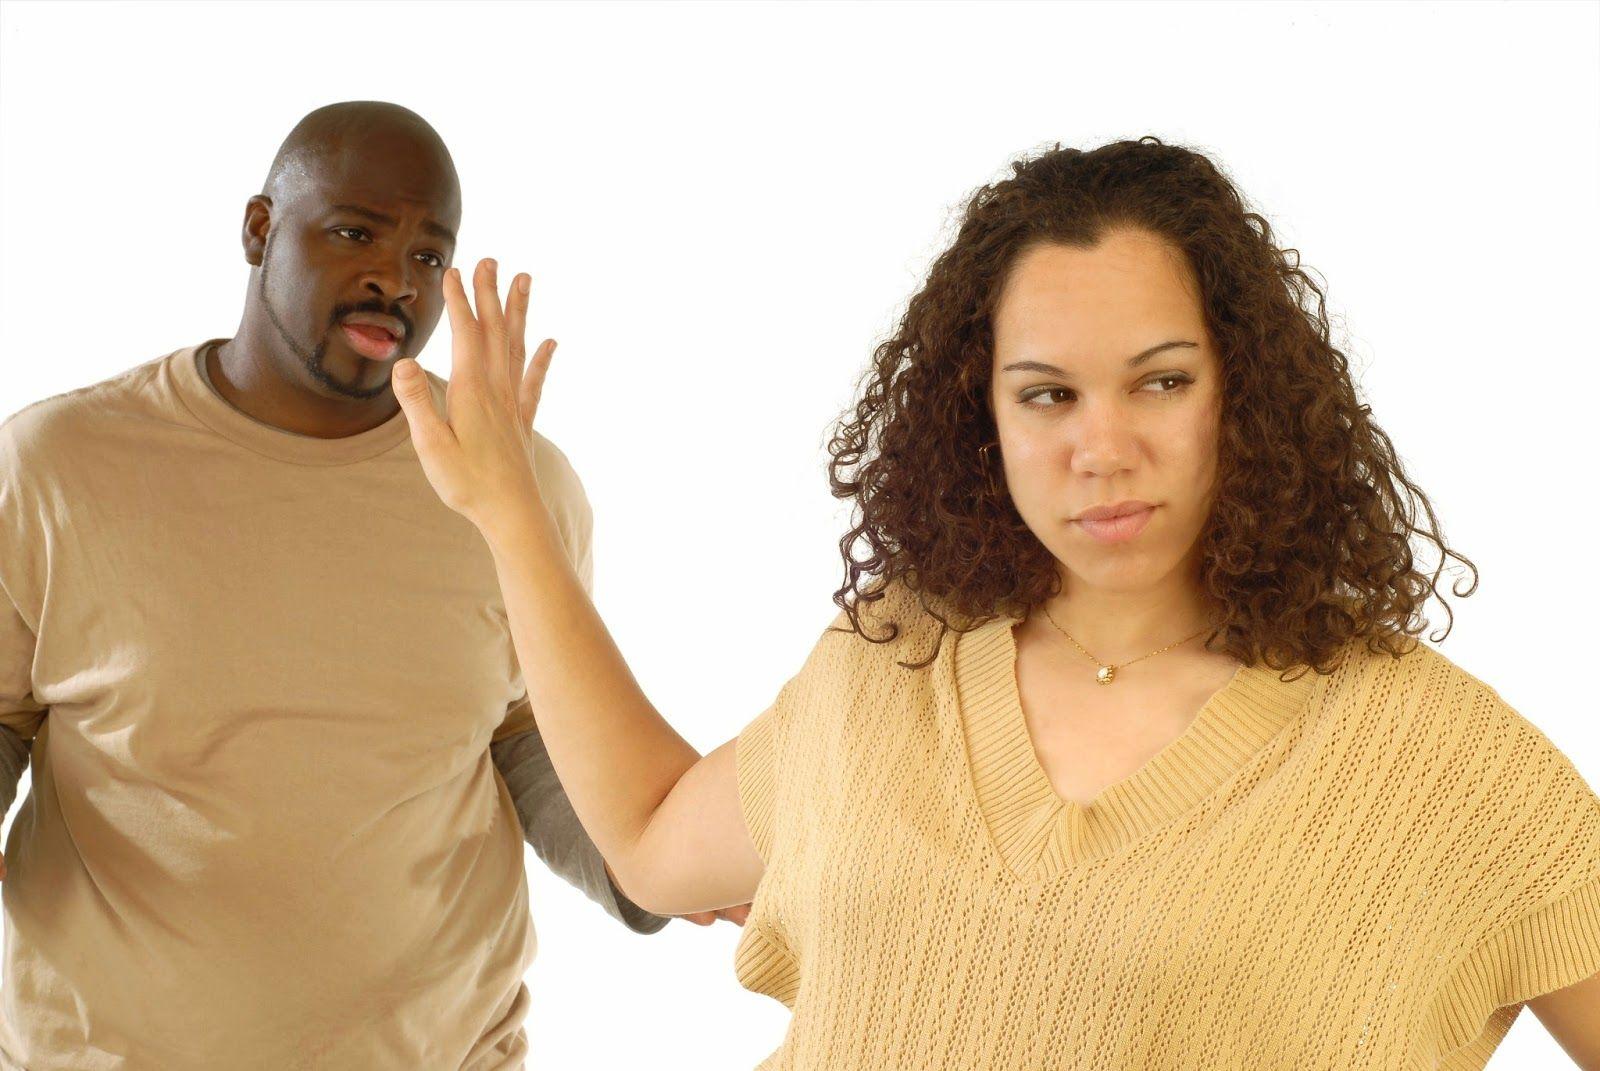 I Love Romantic Love I Wasn't Treating My Husband Fairly